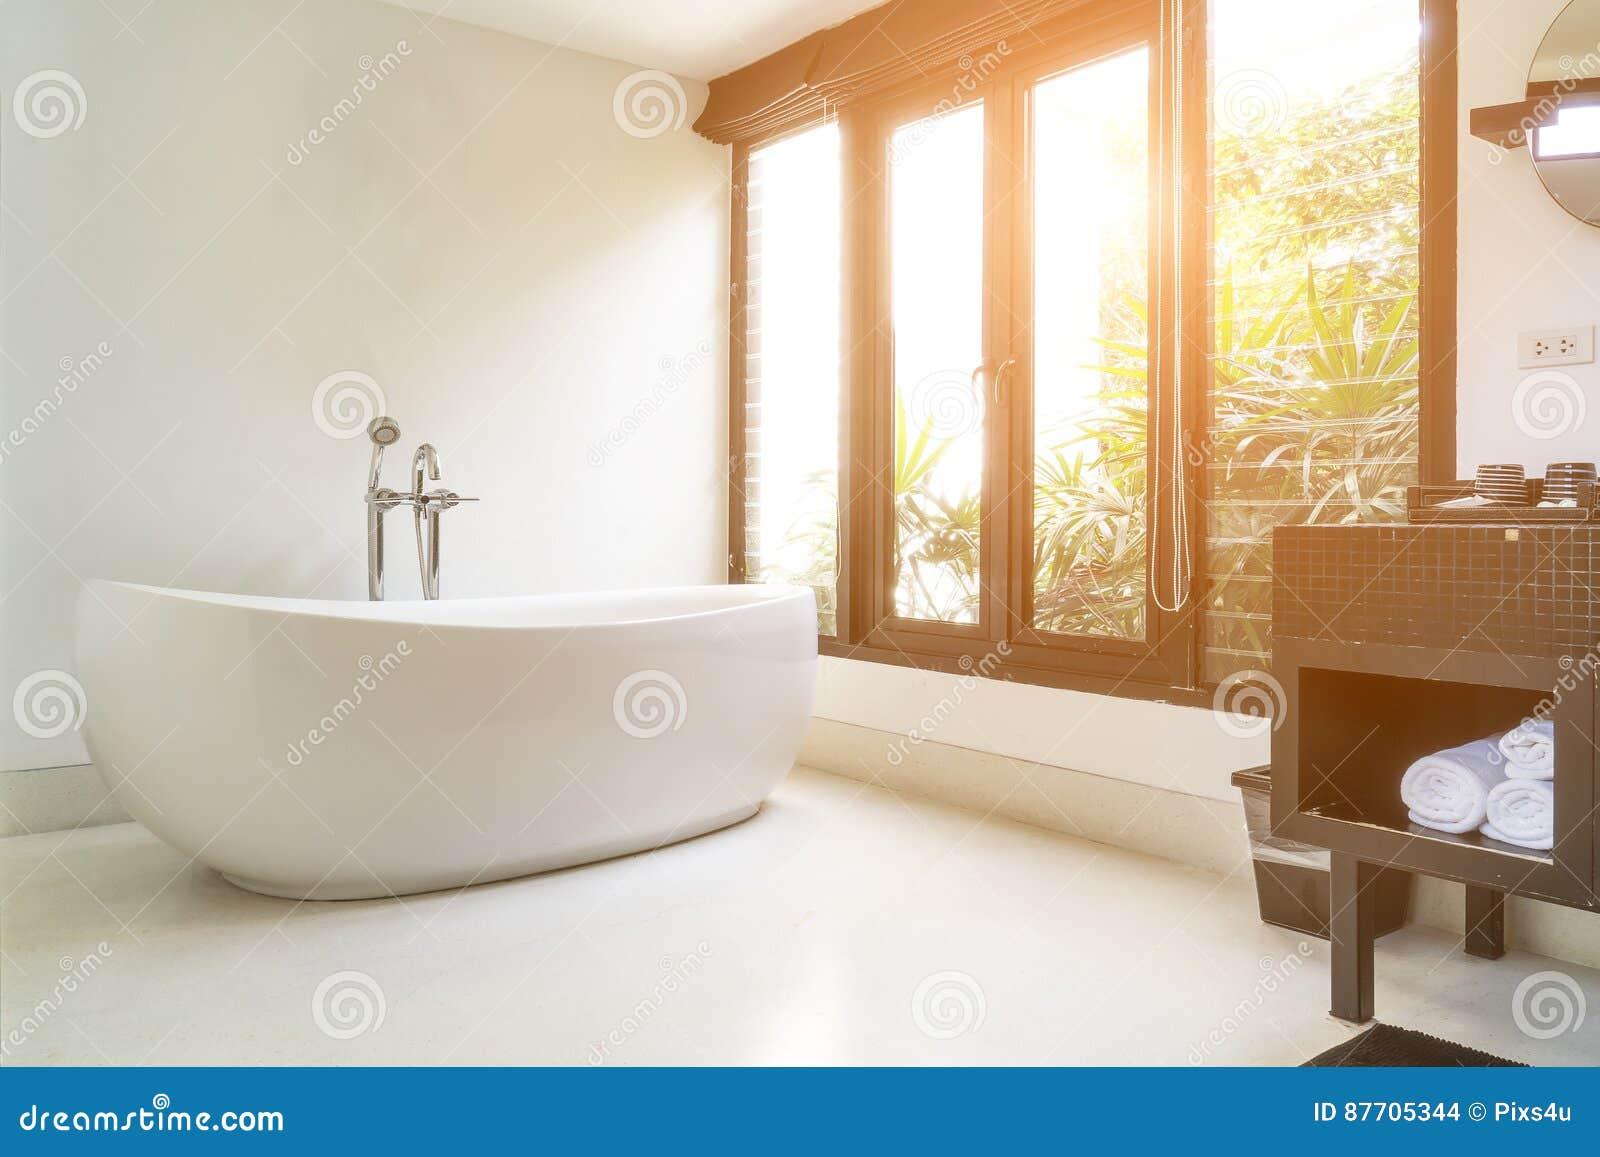 Interno moderno del bagno con la vasca ovale bianca